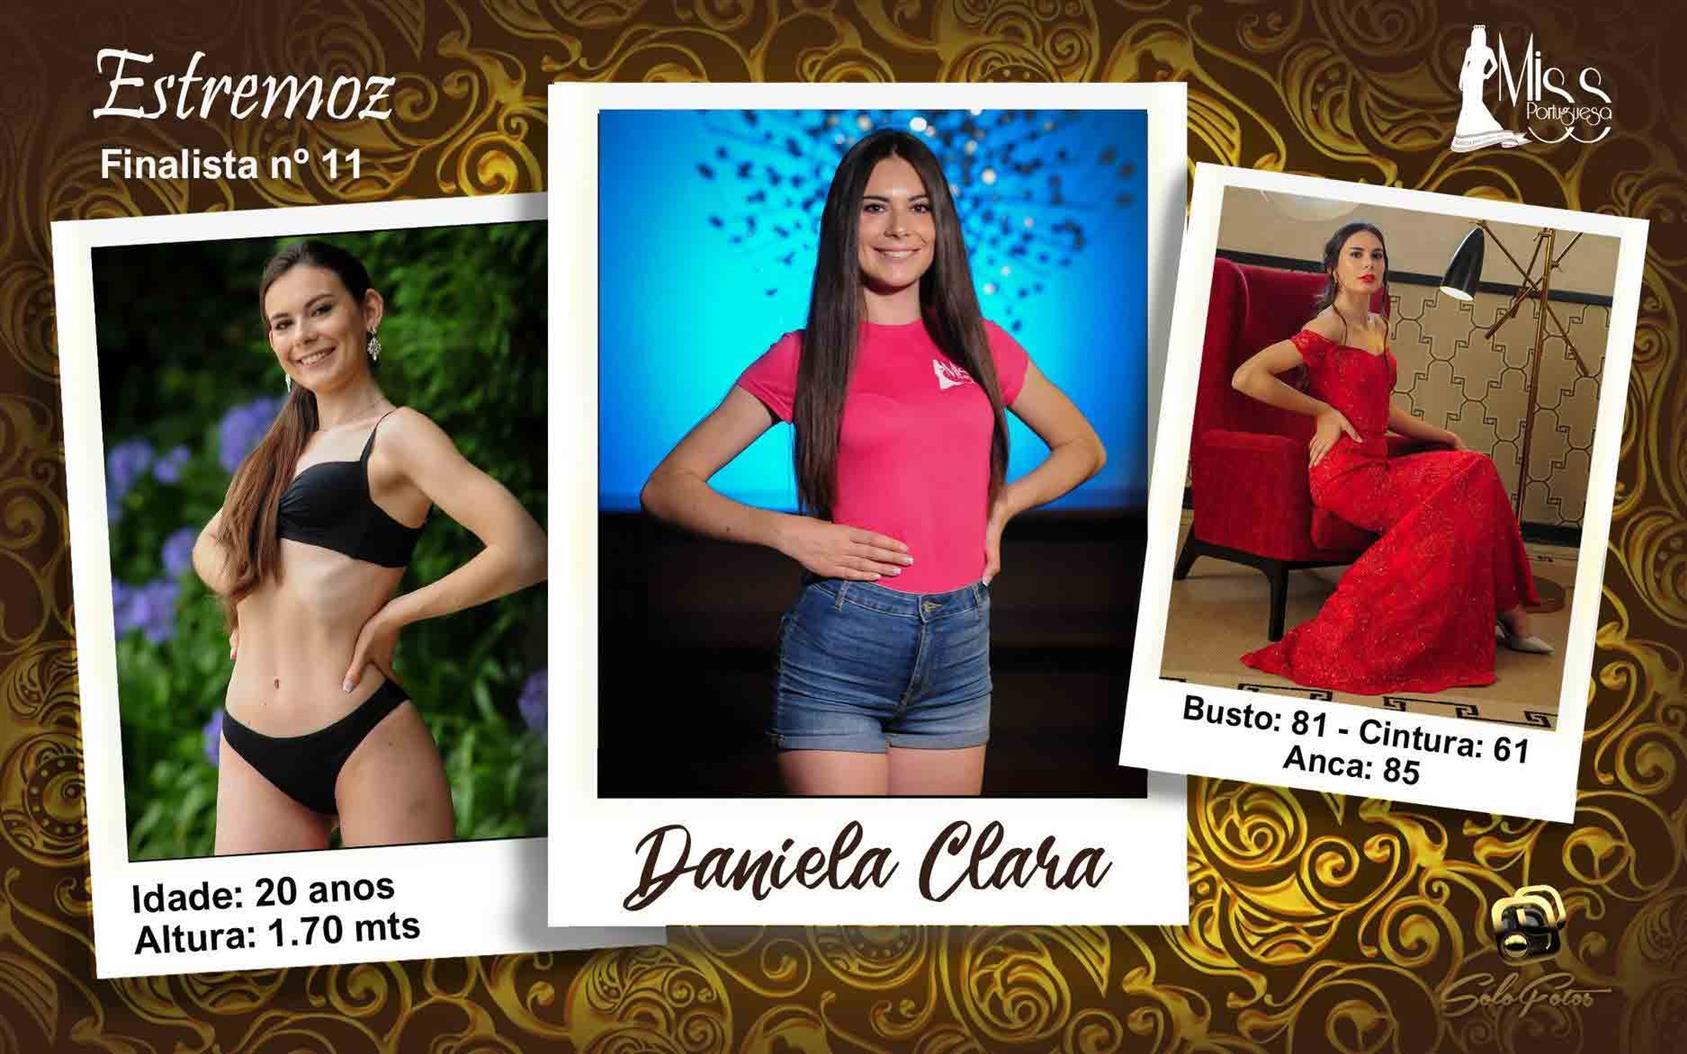 Miss Portuguesa 2019 Top 5 Hot Picks